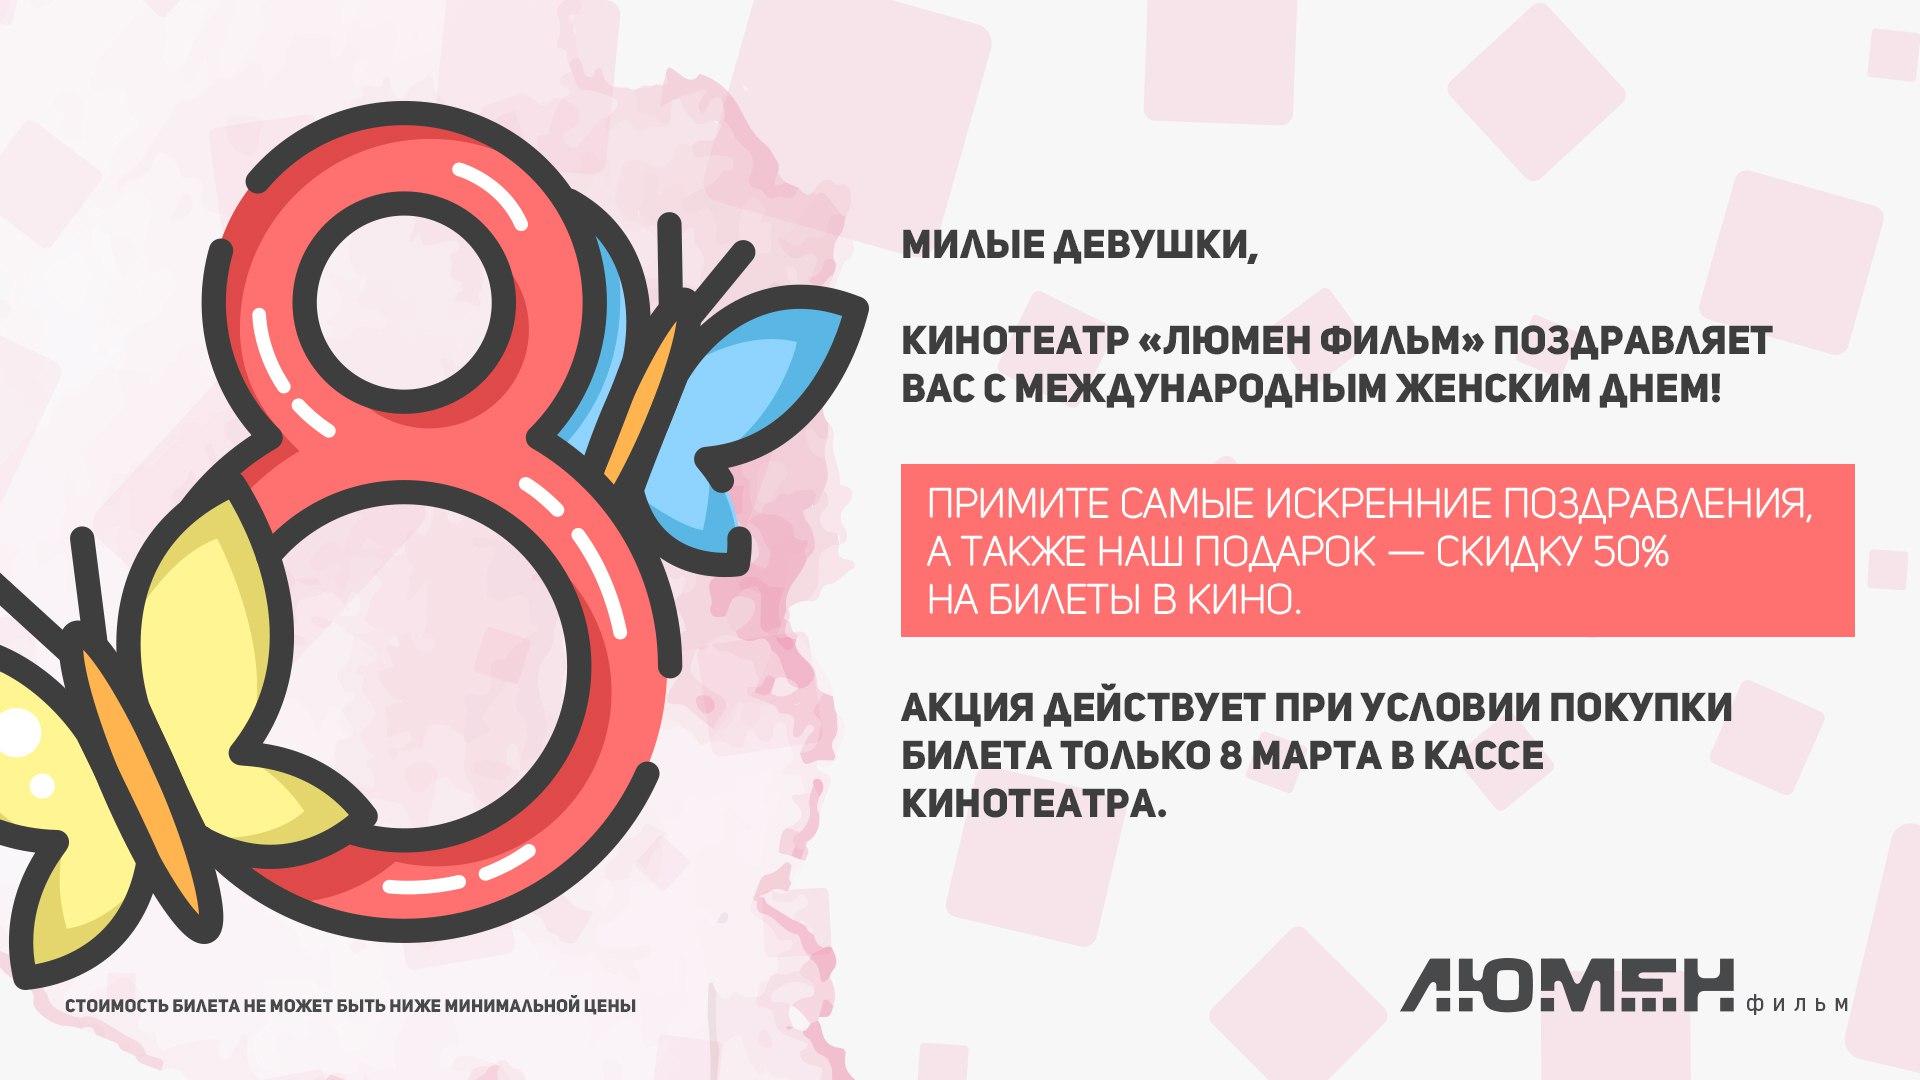 8 марта сходить в кинотеатр в Советске представительницы прекрасного пола смогут за  полцены